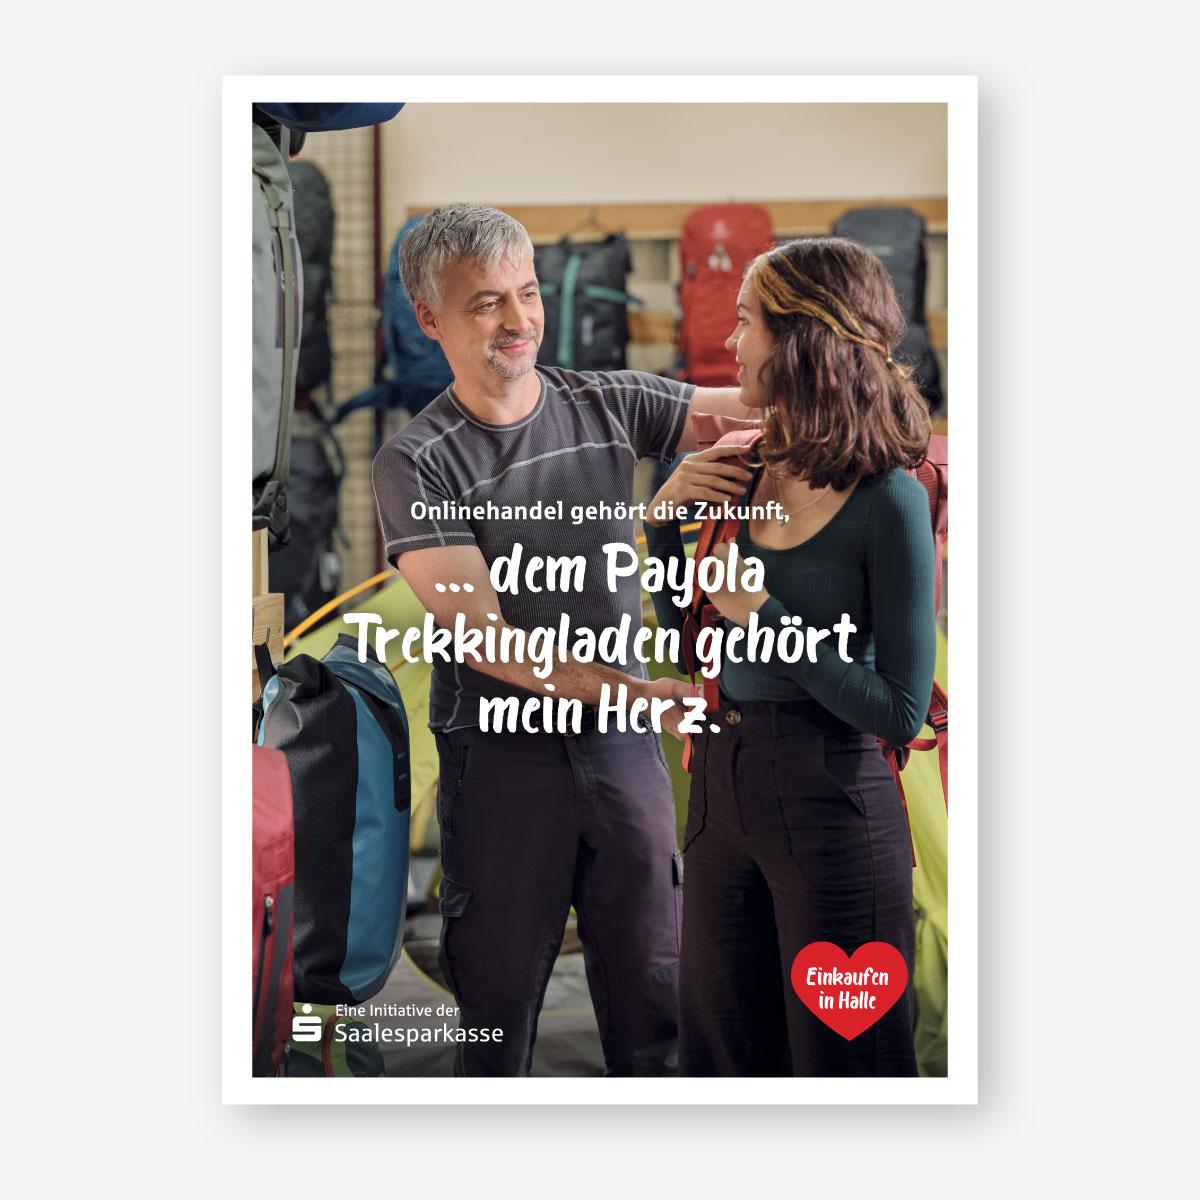 Kampagne der Saalesparkasse für Händler in der Region: Plakatmotiv: Payola - Der Trekkingladen